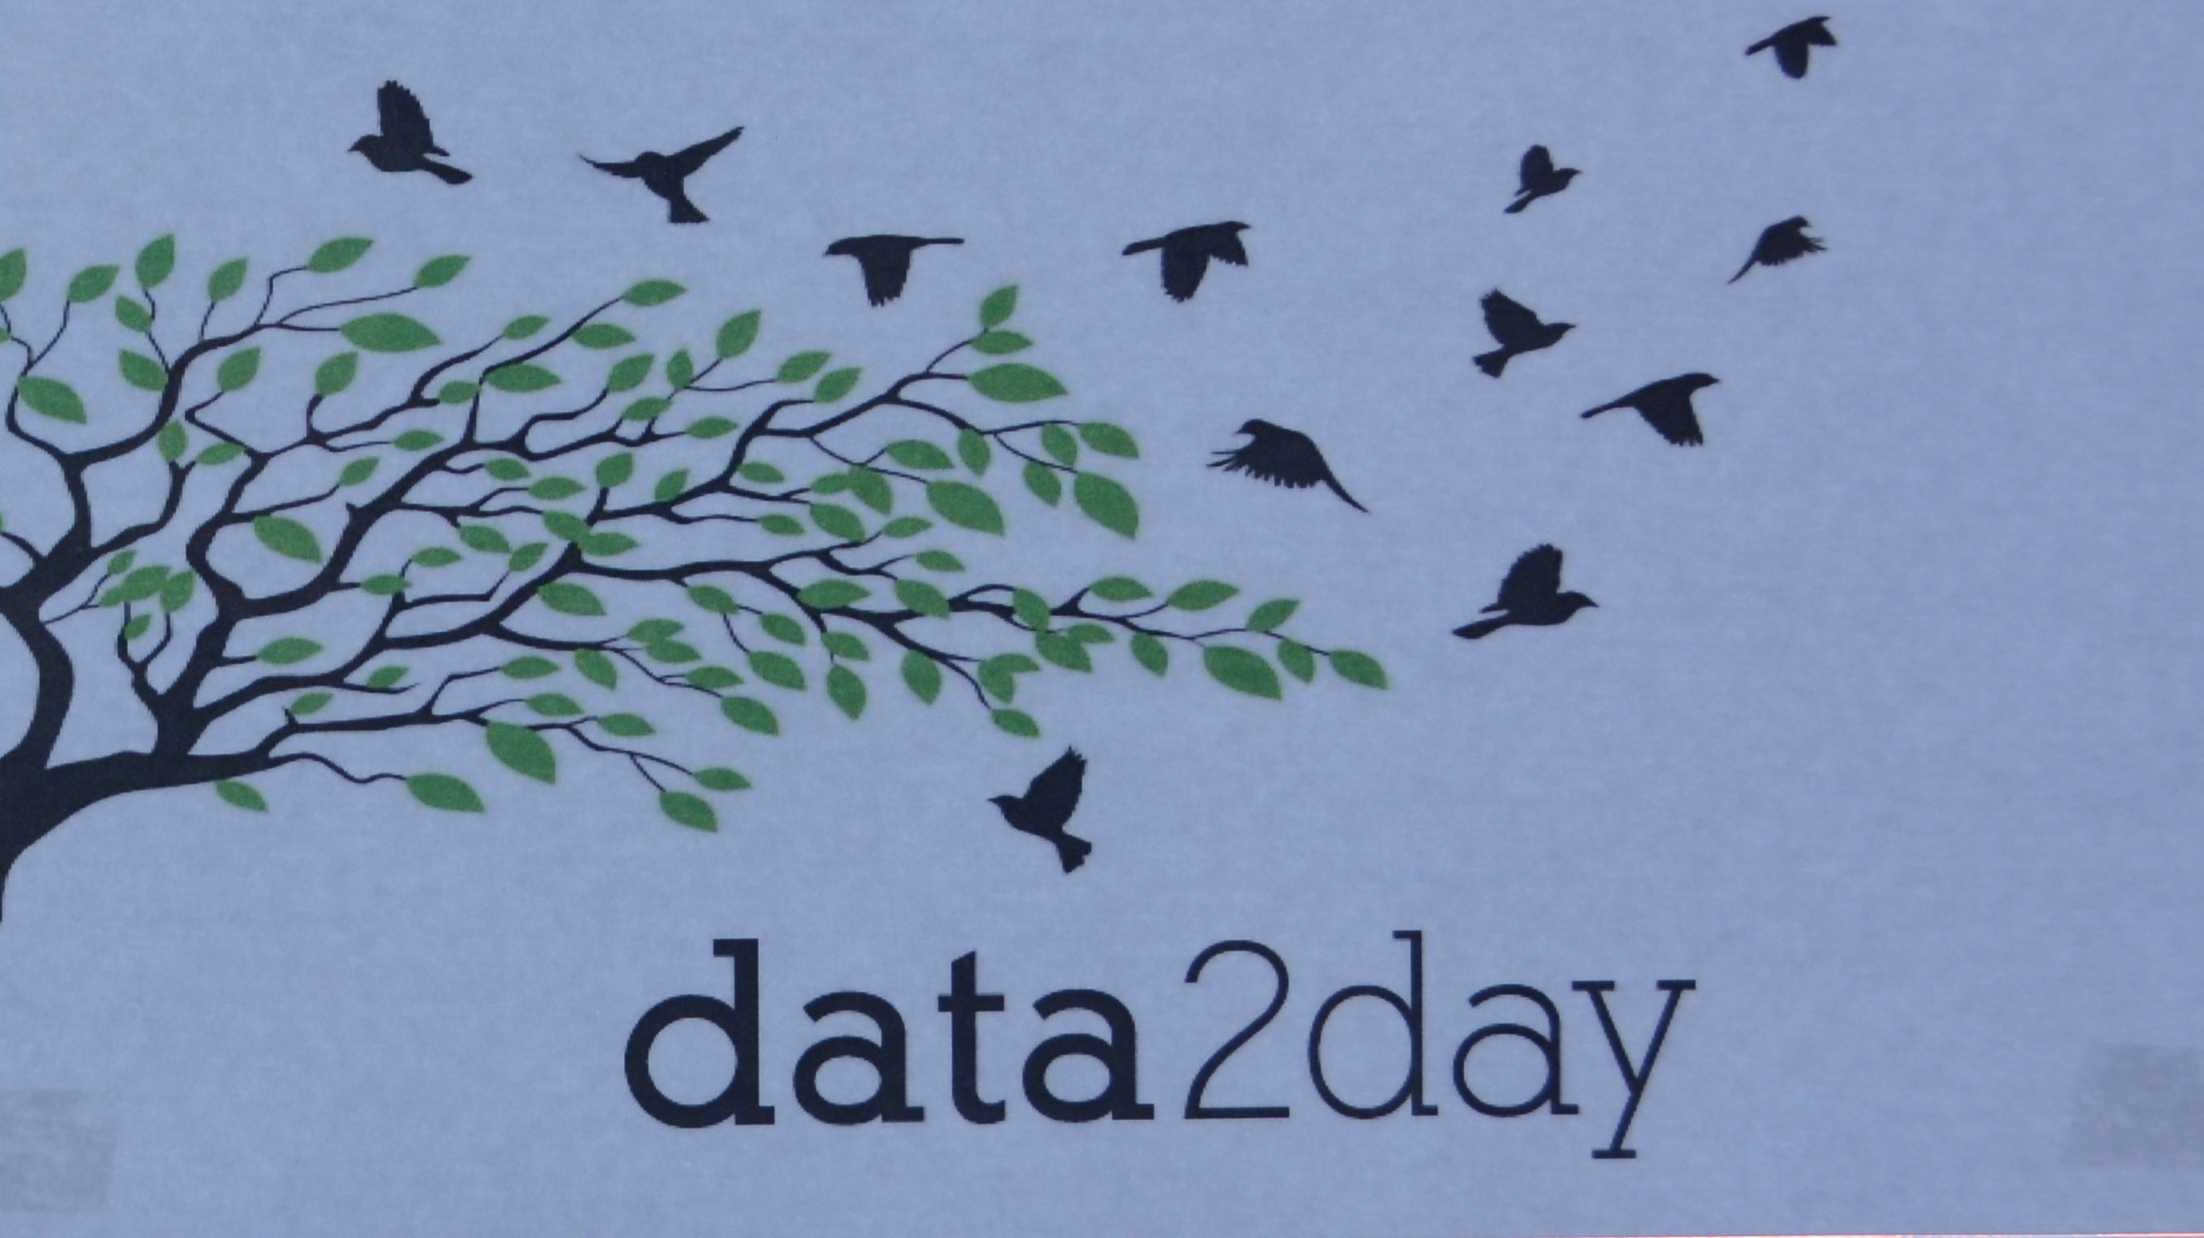 data2day 2017: Call for Proposals der Big-Data-Konferenz um eine Woche verlängert